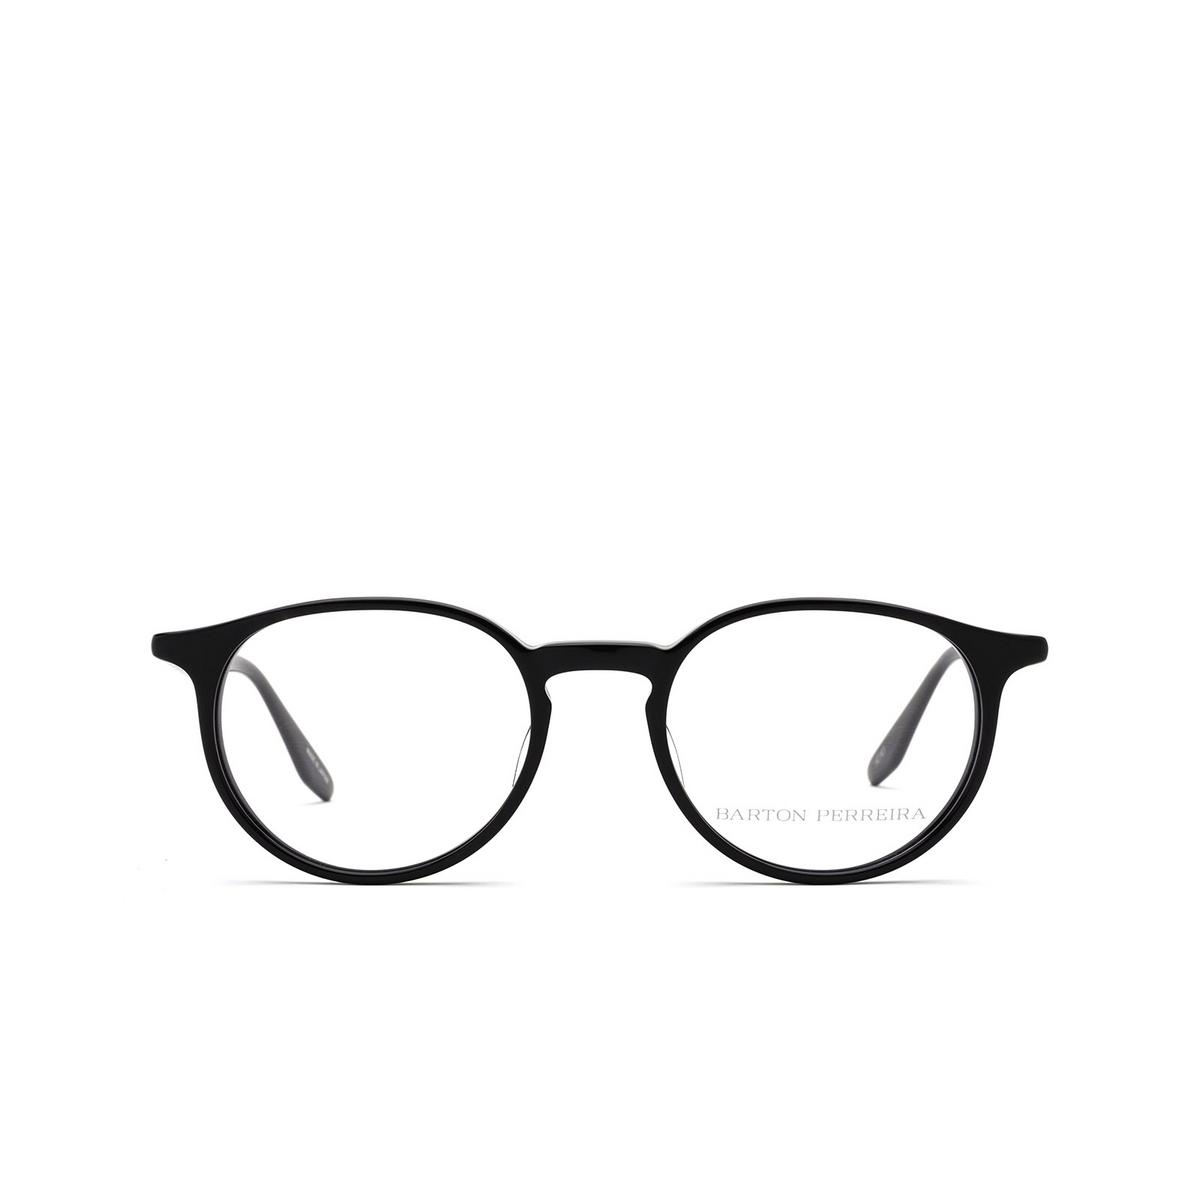 Barton Perreira® Round Eyeglasses: Norton BP5043 color Black 0EJ - front view.